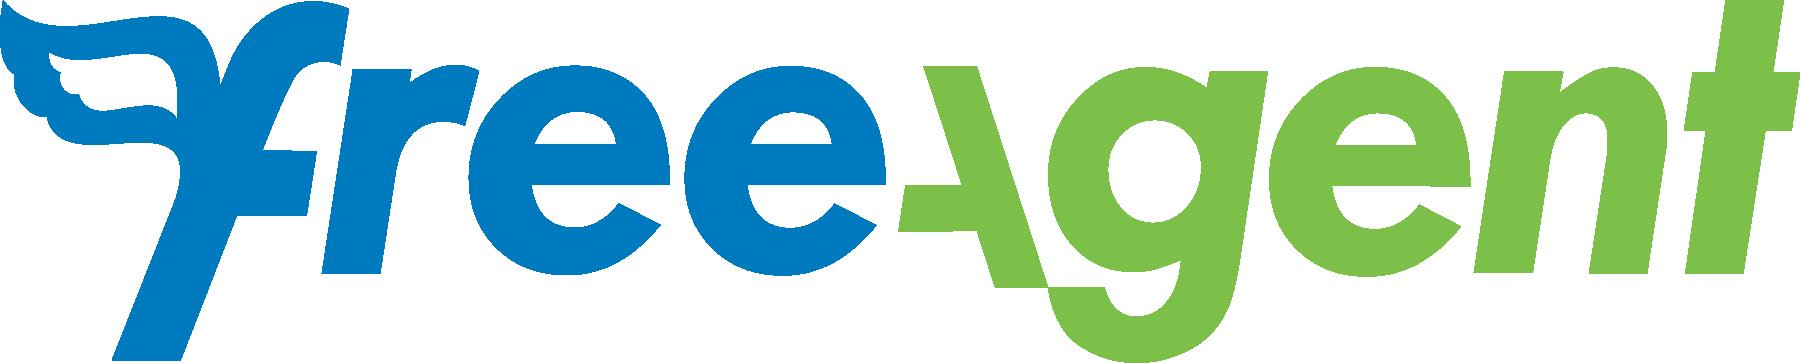 freeagent logo 807a464c